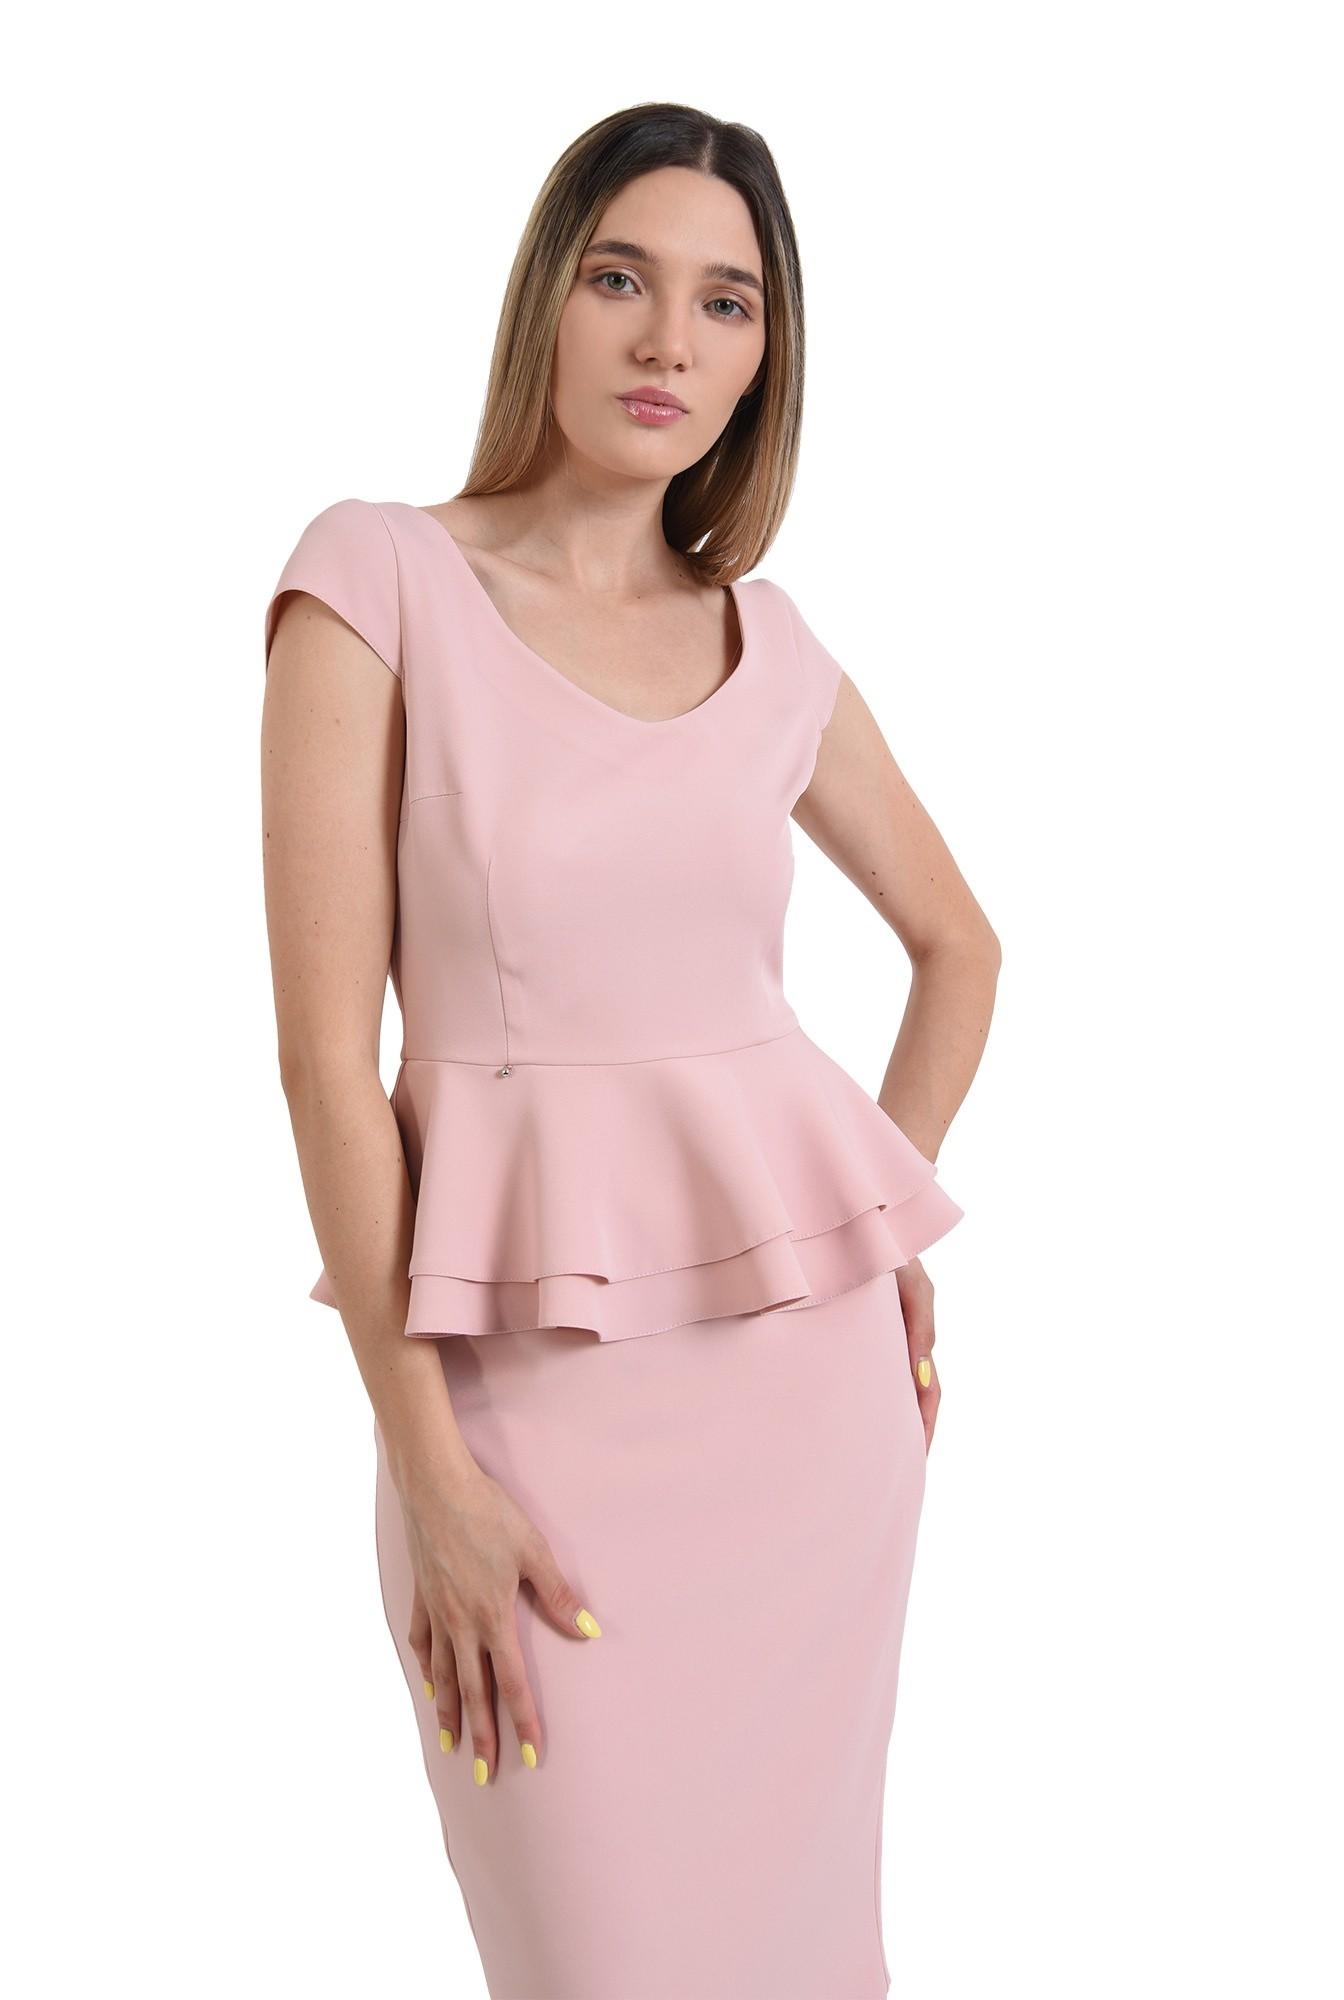 3 - compleu roz, fusta midi, top cu peplum, compleu elegant